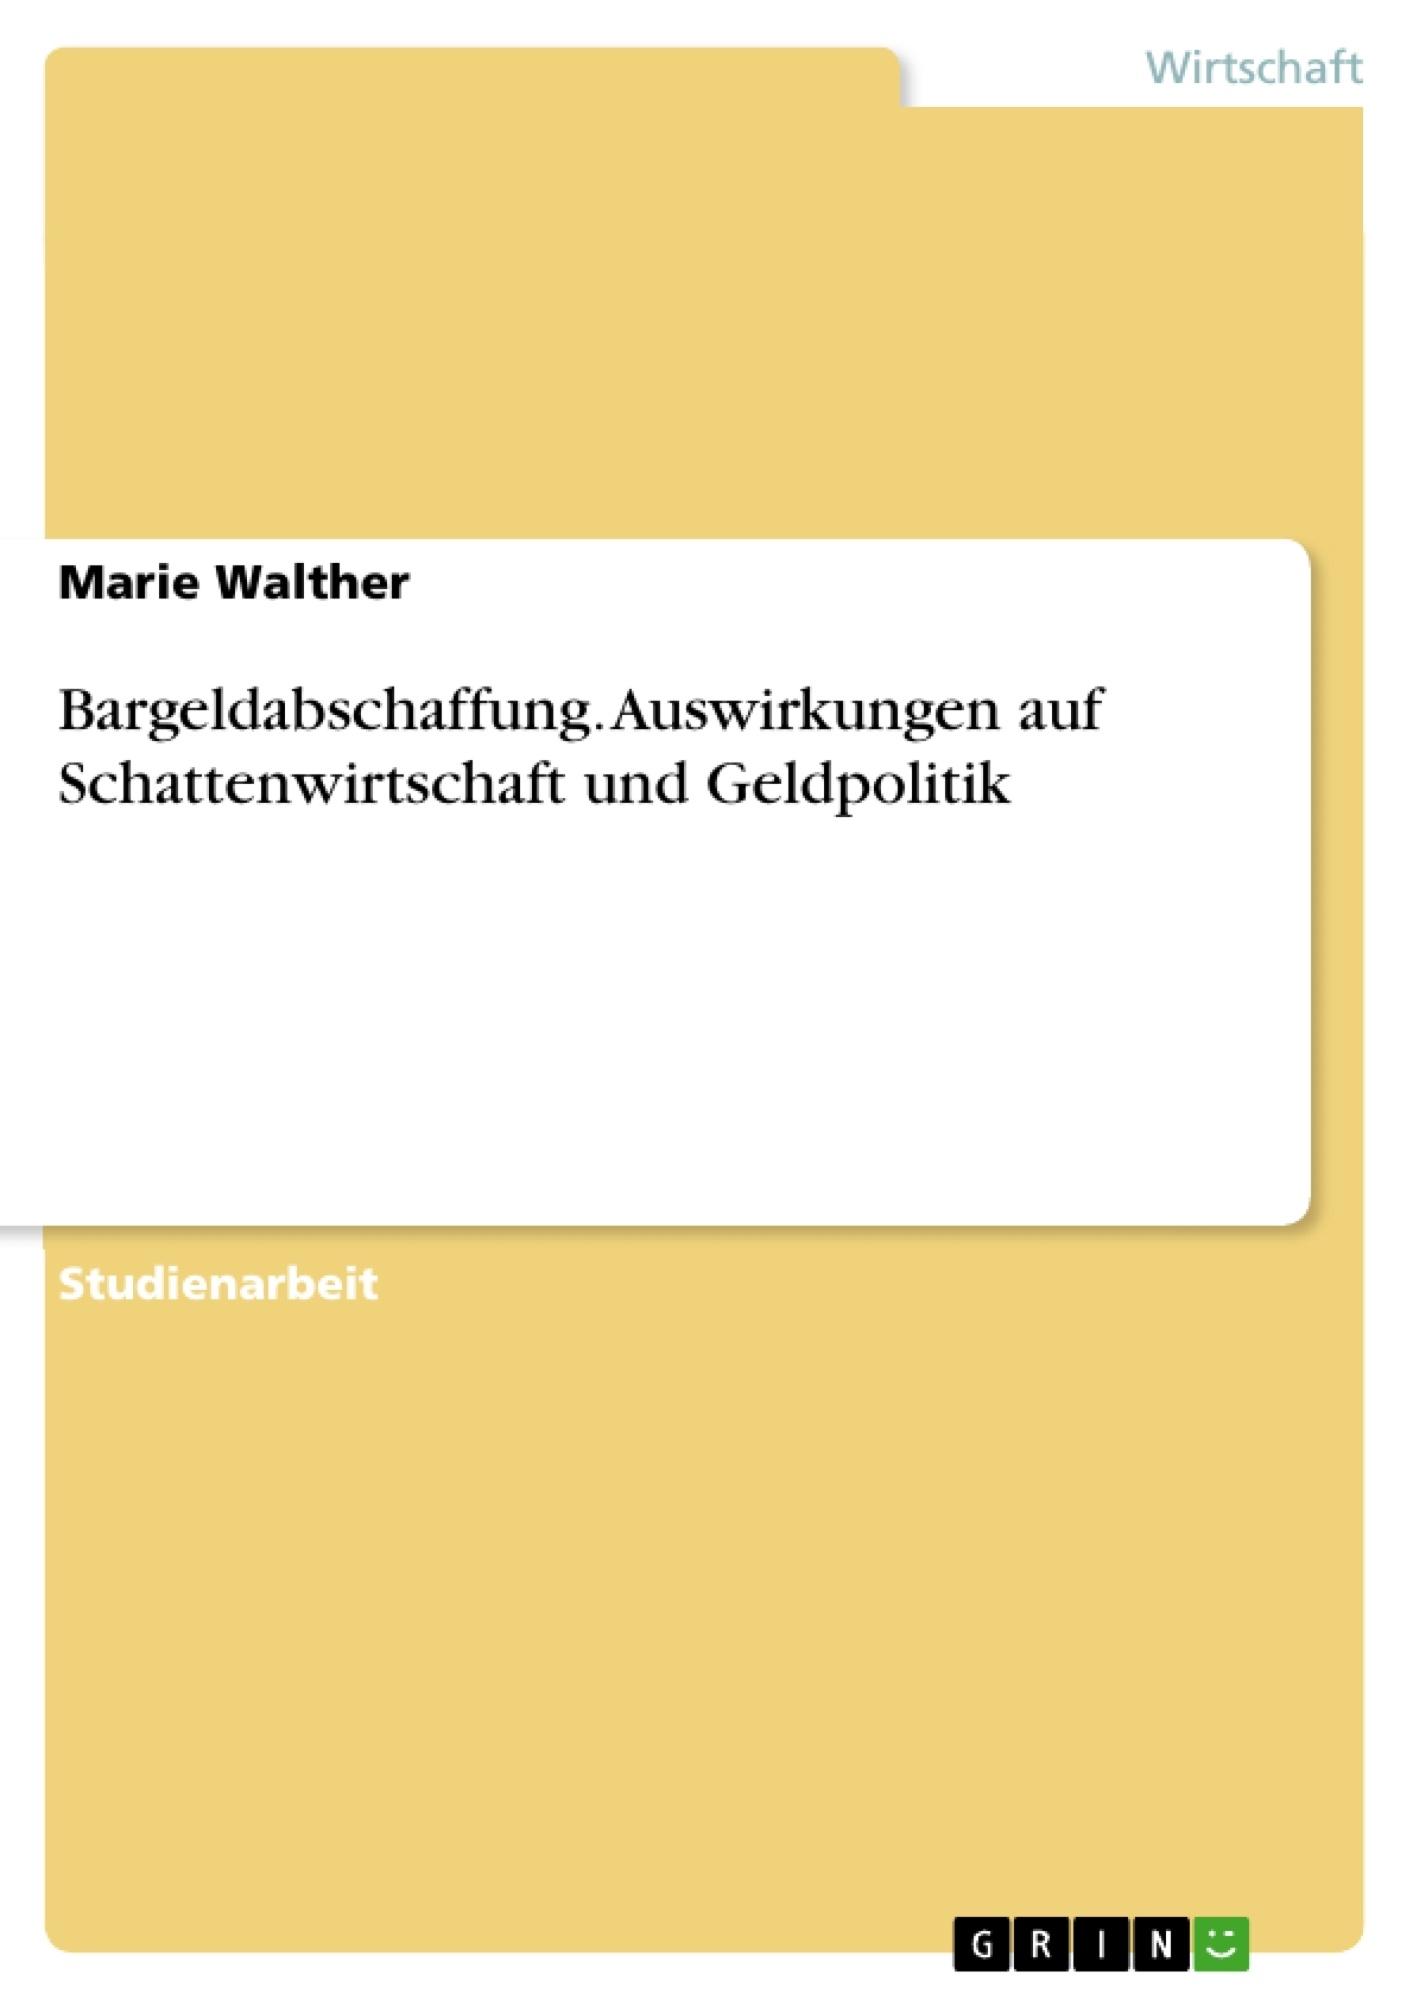 Titel: Bargeldabschaffung. Auswirkungen auf Schattenwirtschaft und Geldpolitik